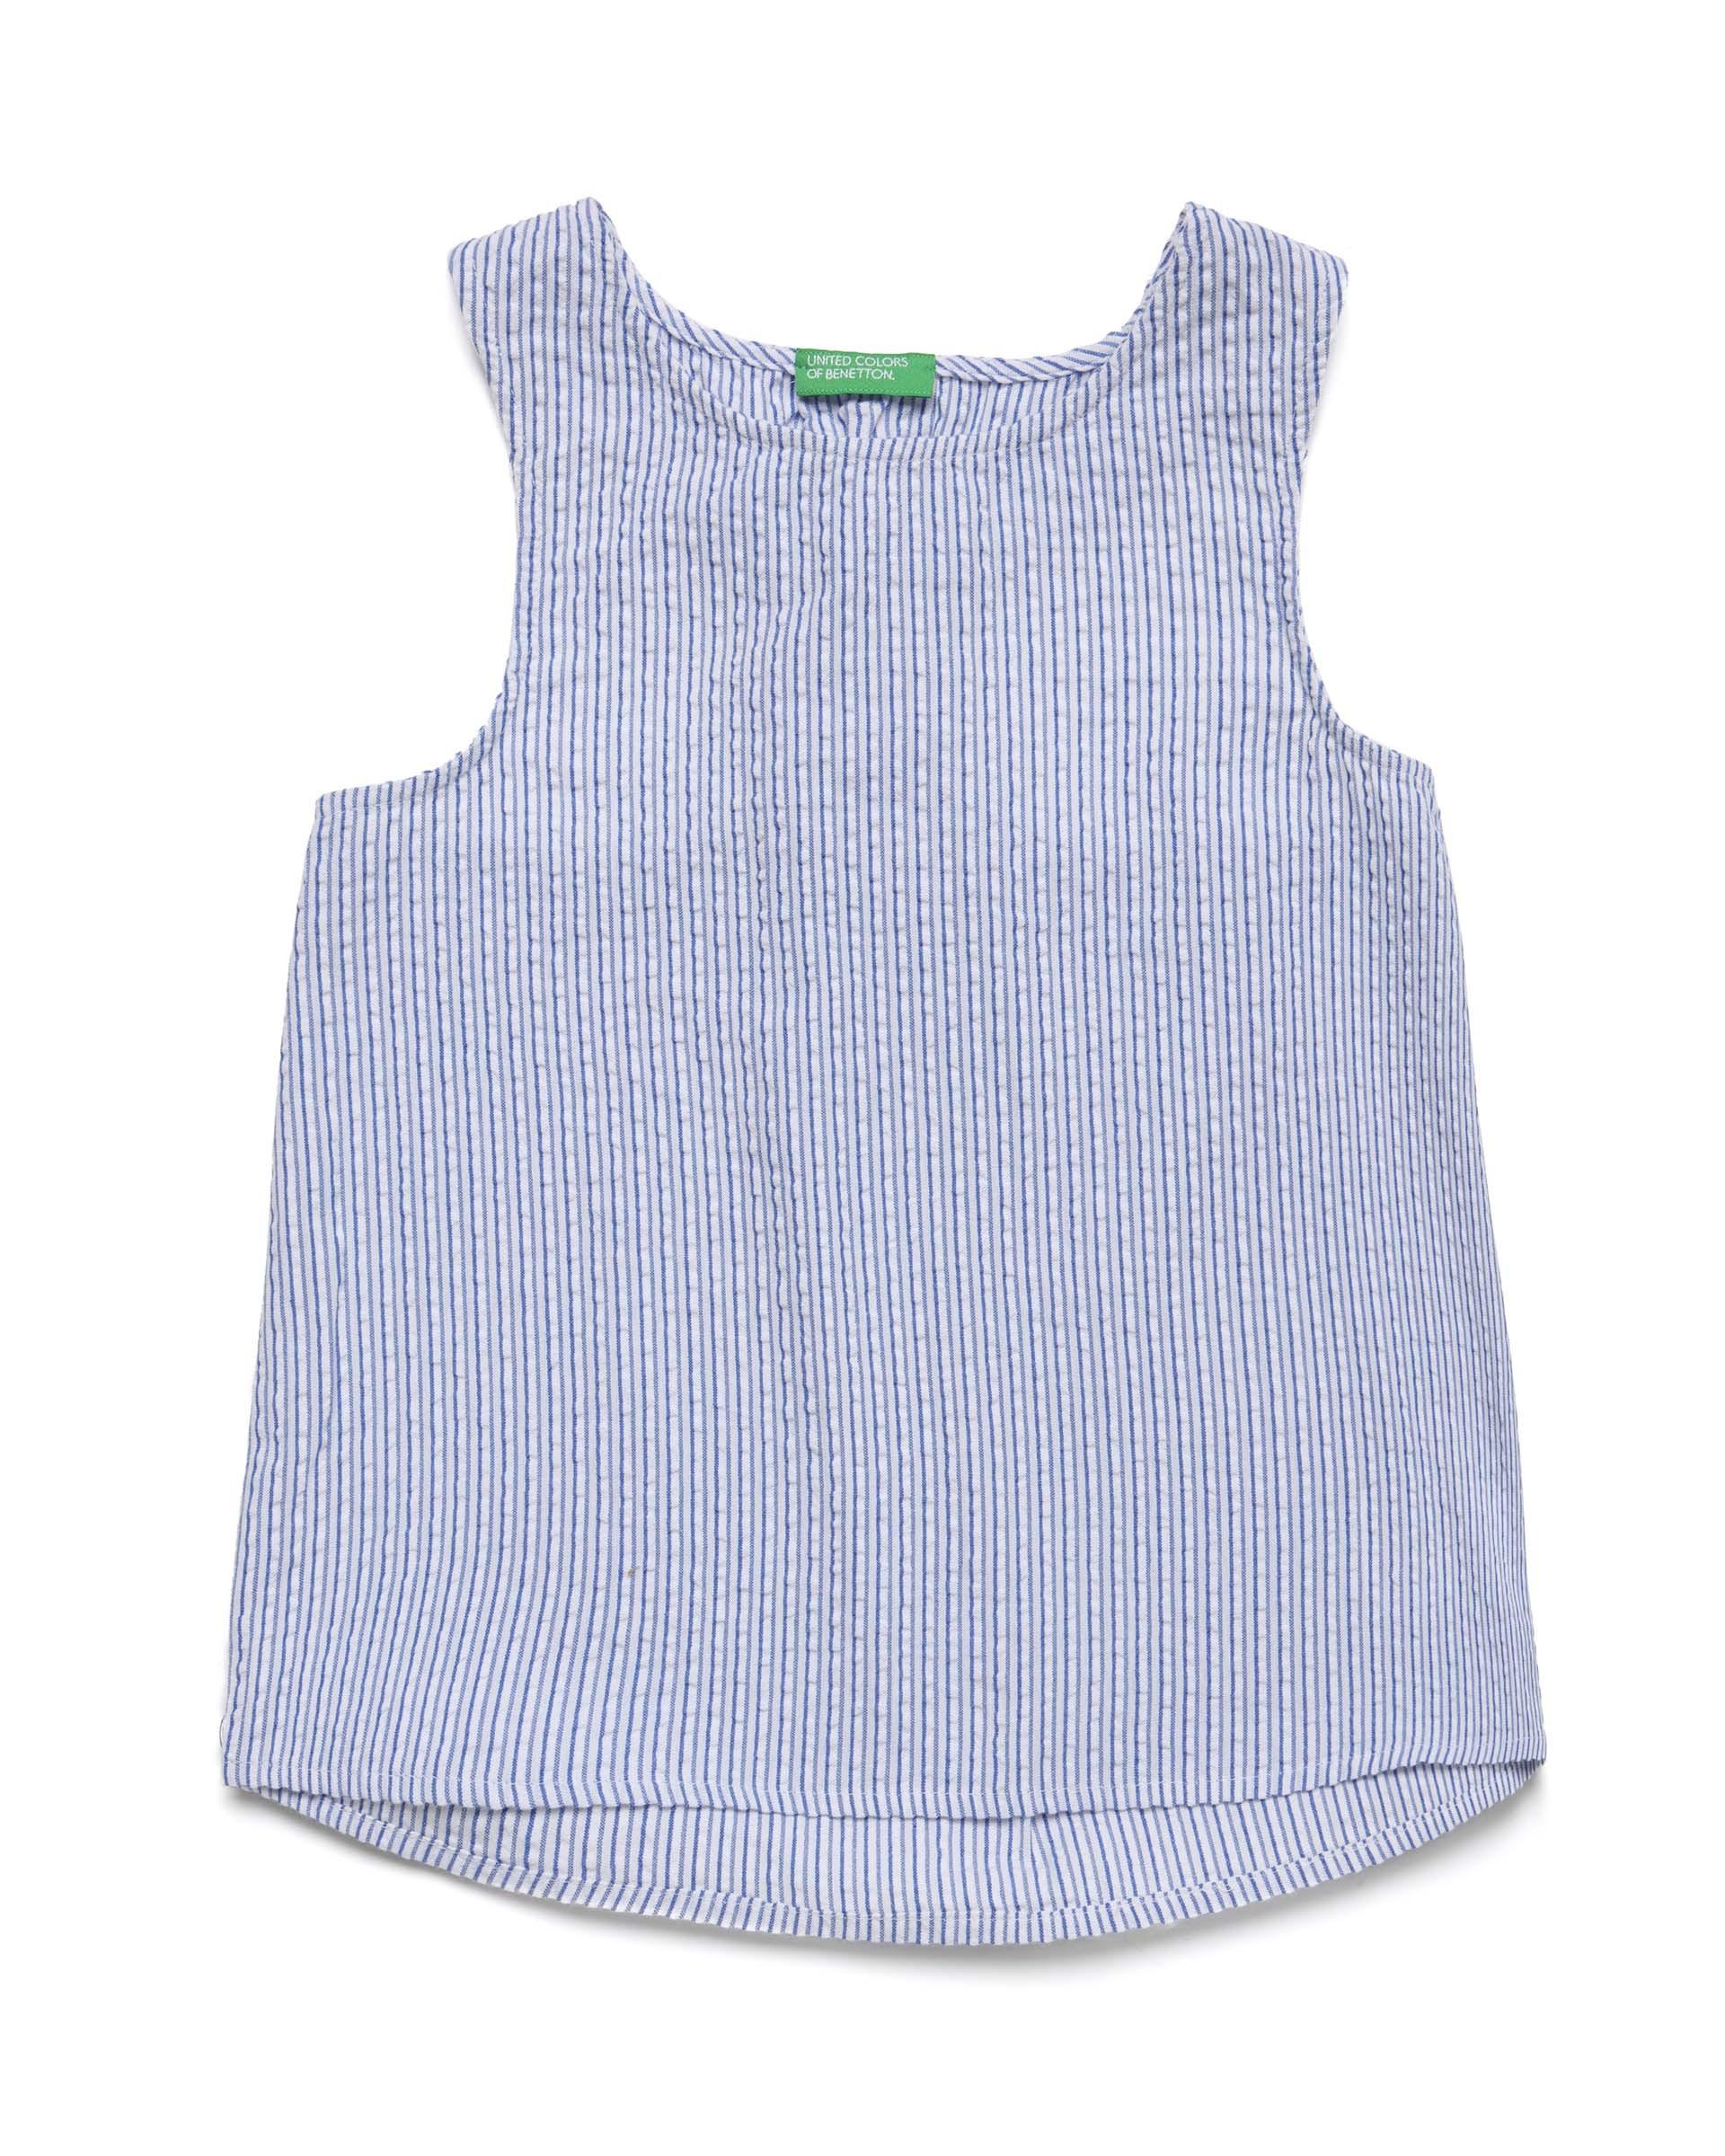 Купить 20P_5OV05T1D0_901, Блуза без рукавов для девочек Benetton 5OV05T1D0_901 р-р 128, United Colors of Benetton, Блузки для девочек